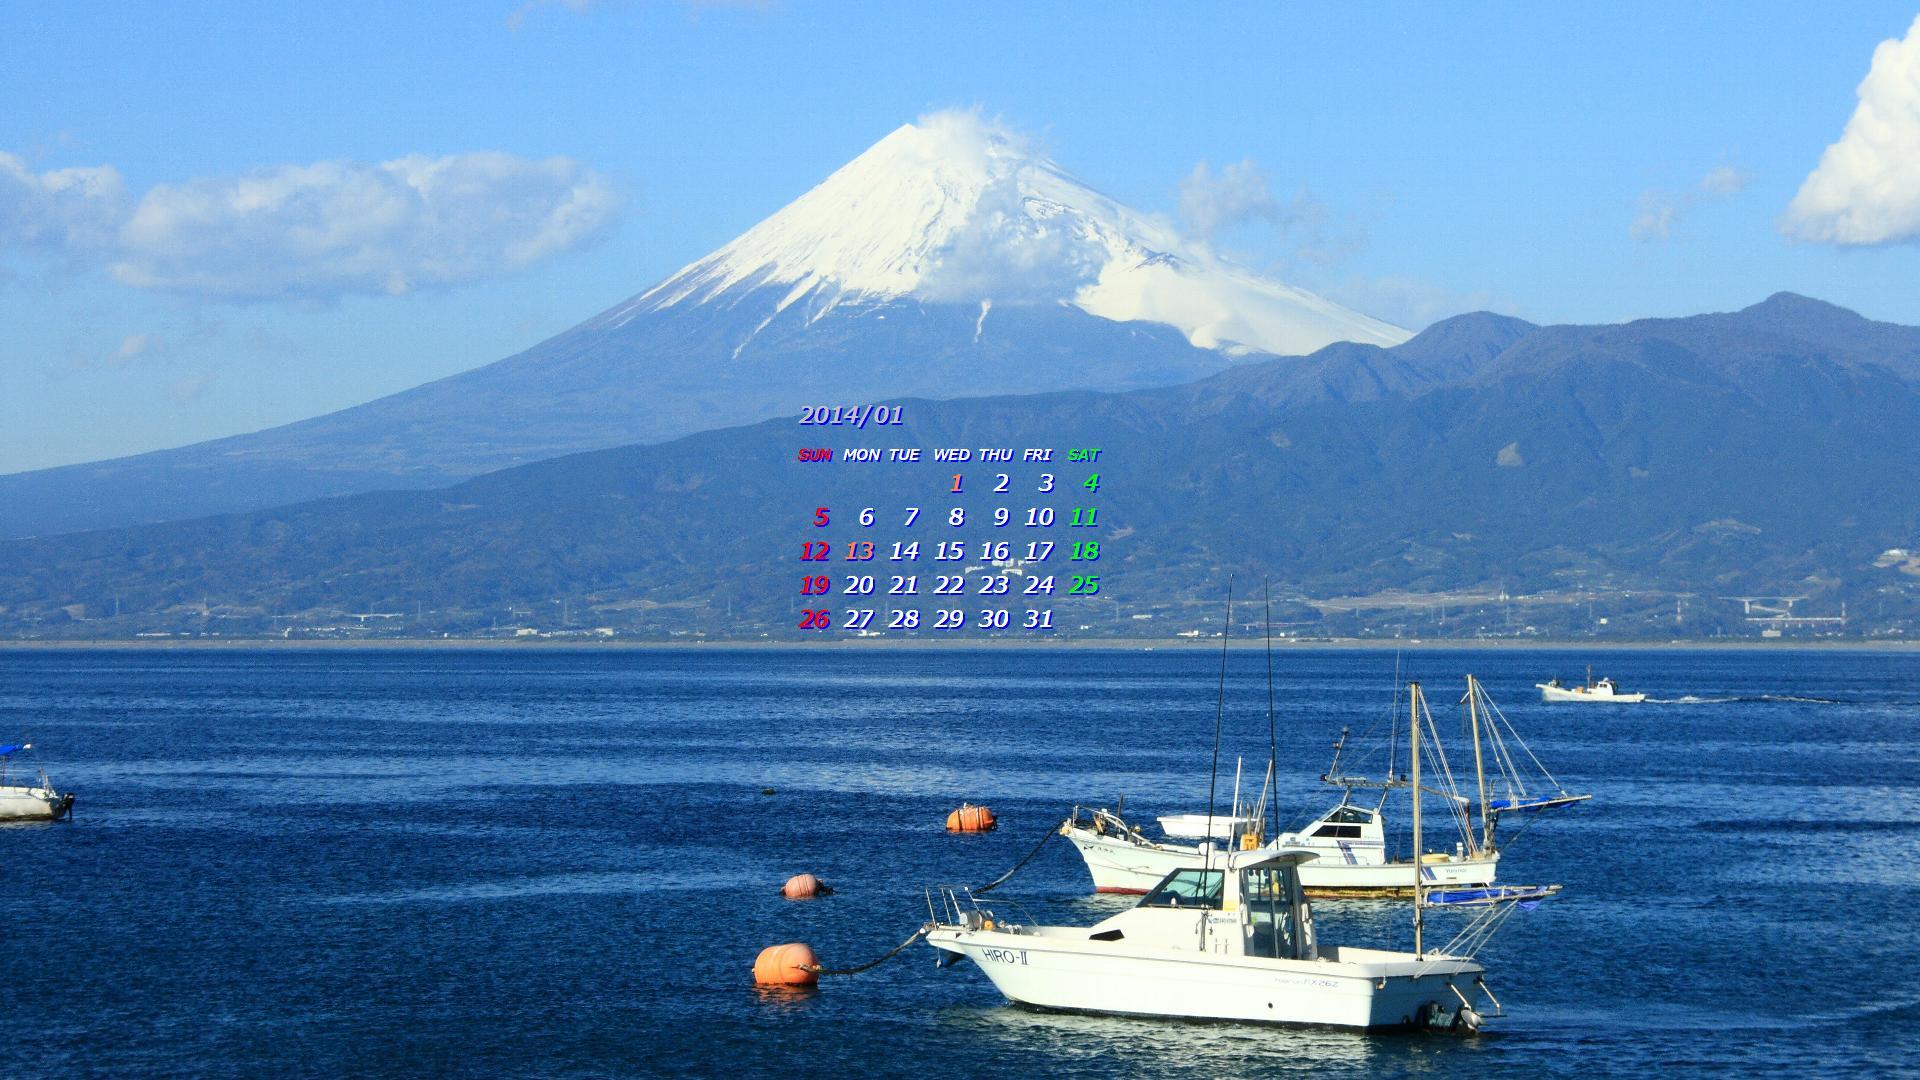 カレンダー カレンダー 2014 12月 : 富士山 | カレンダー壁紙館 ...